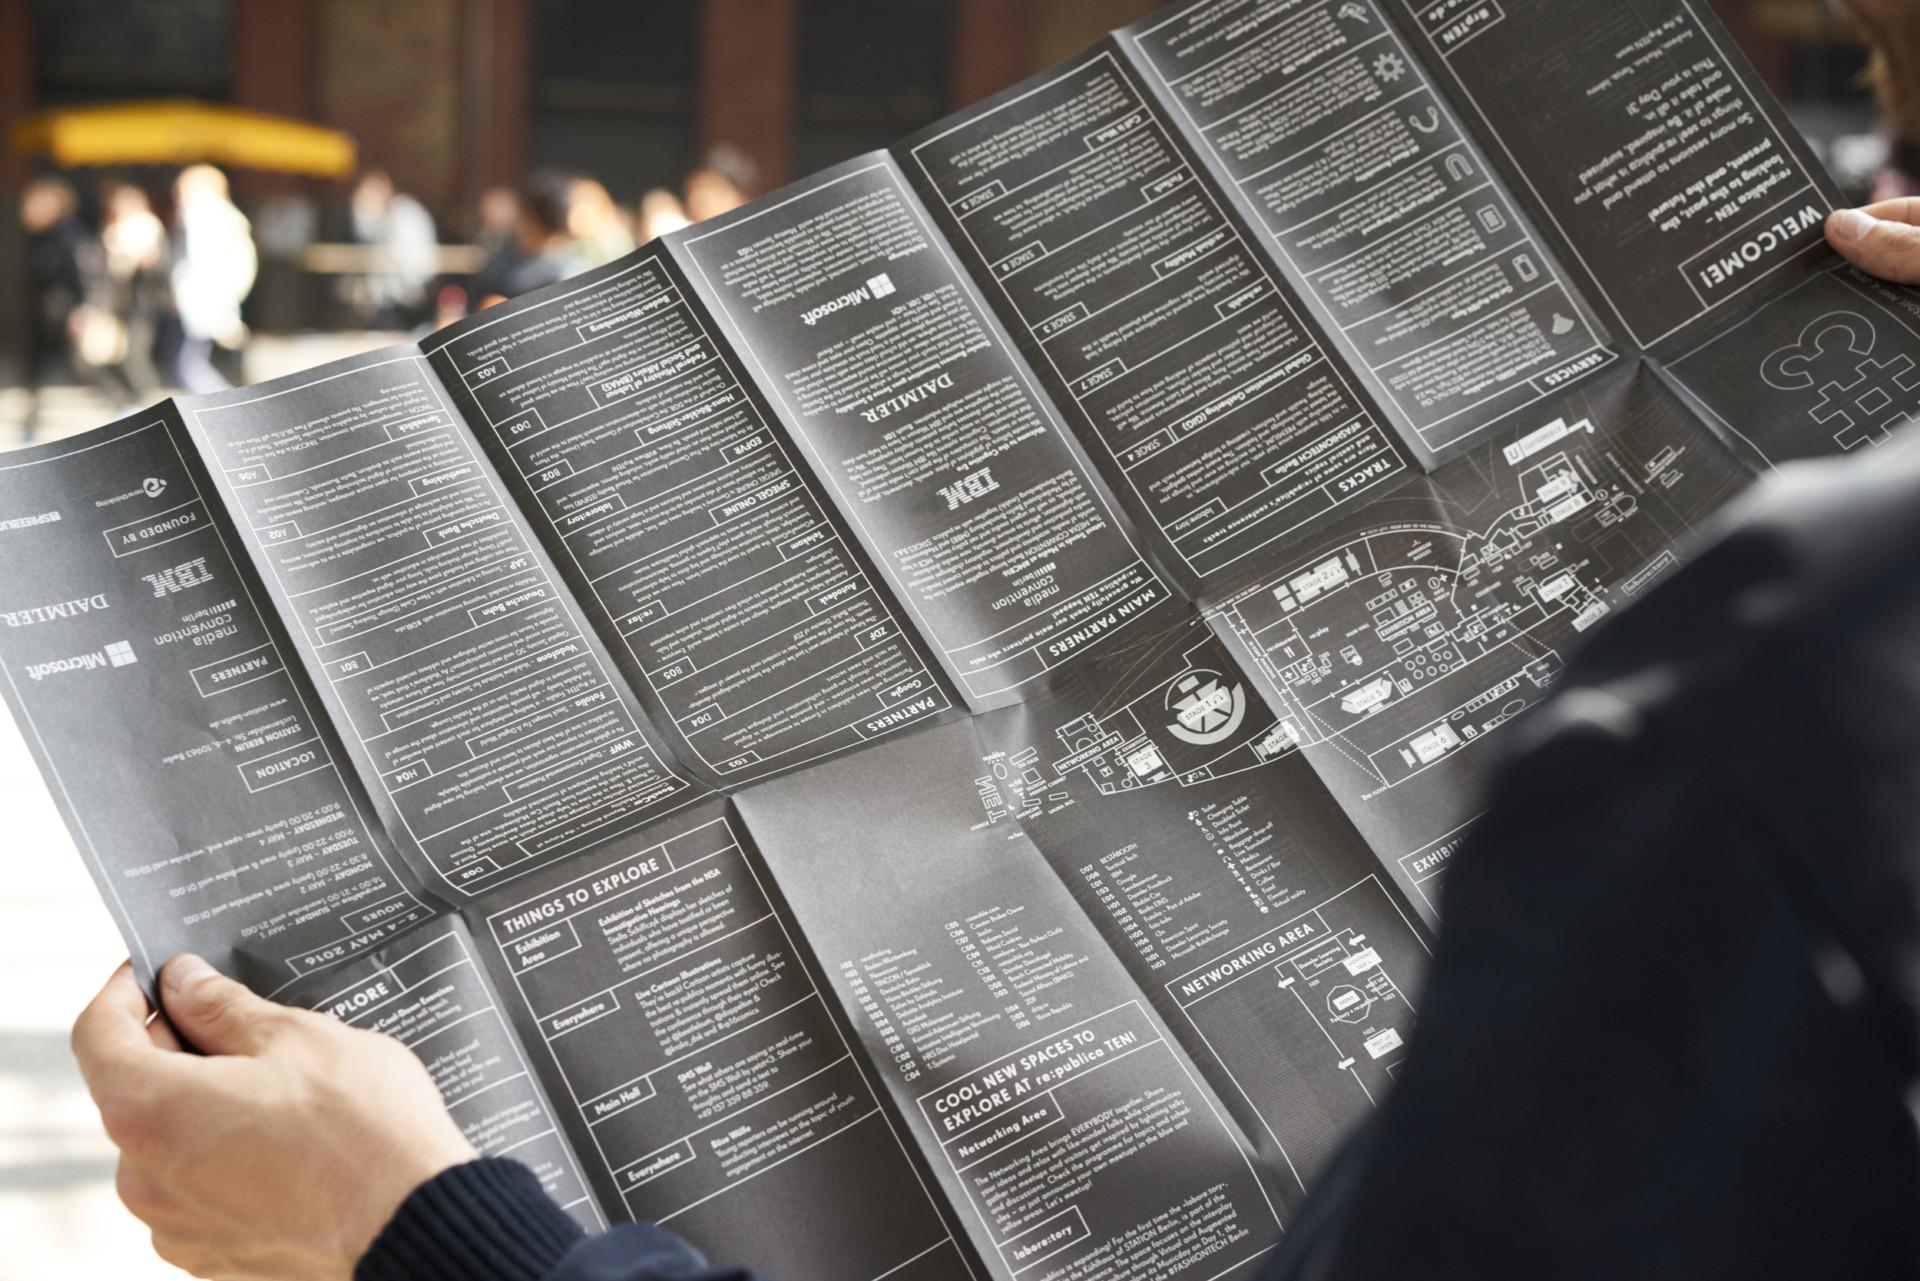 fertig design re:publica 2016